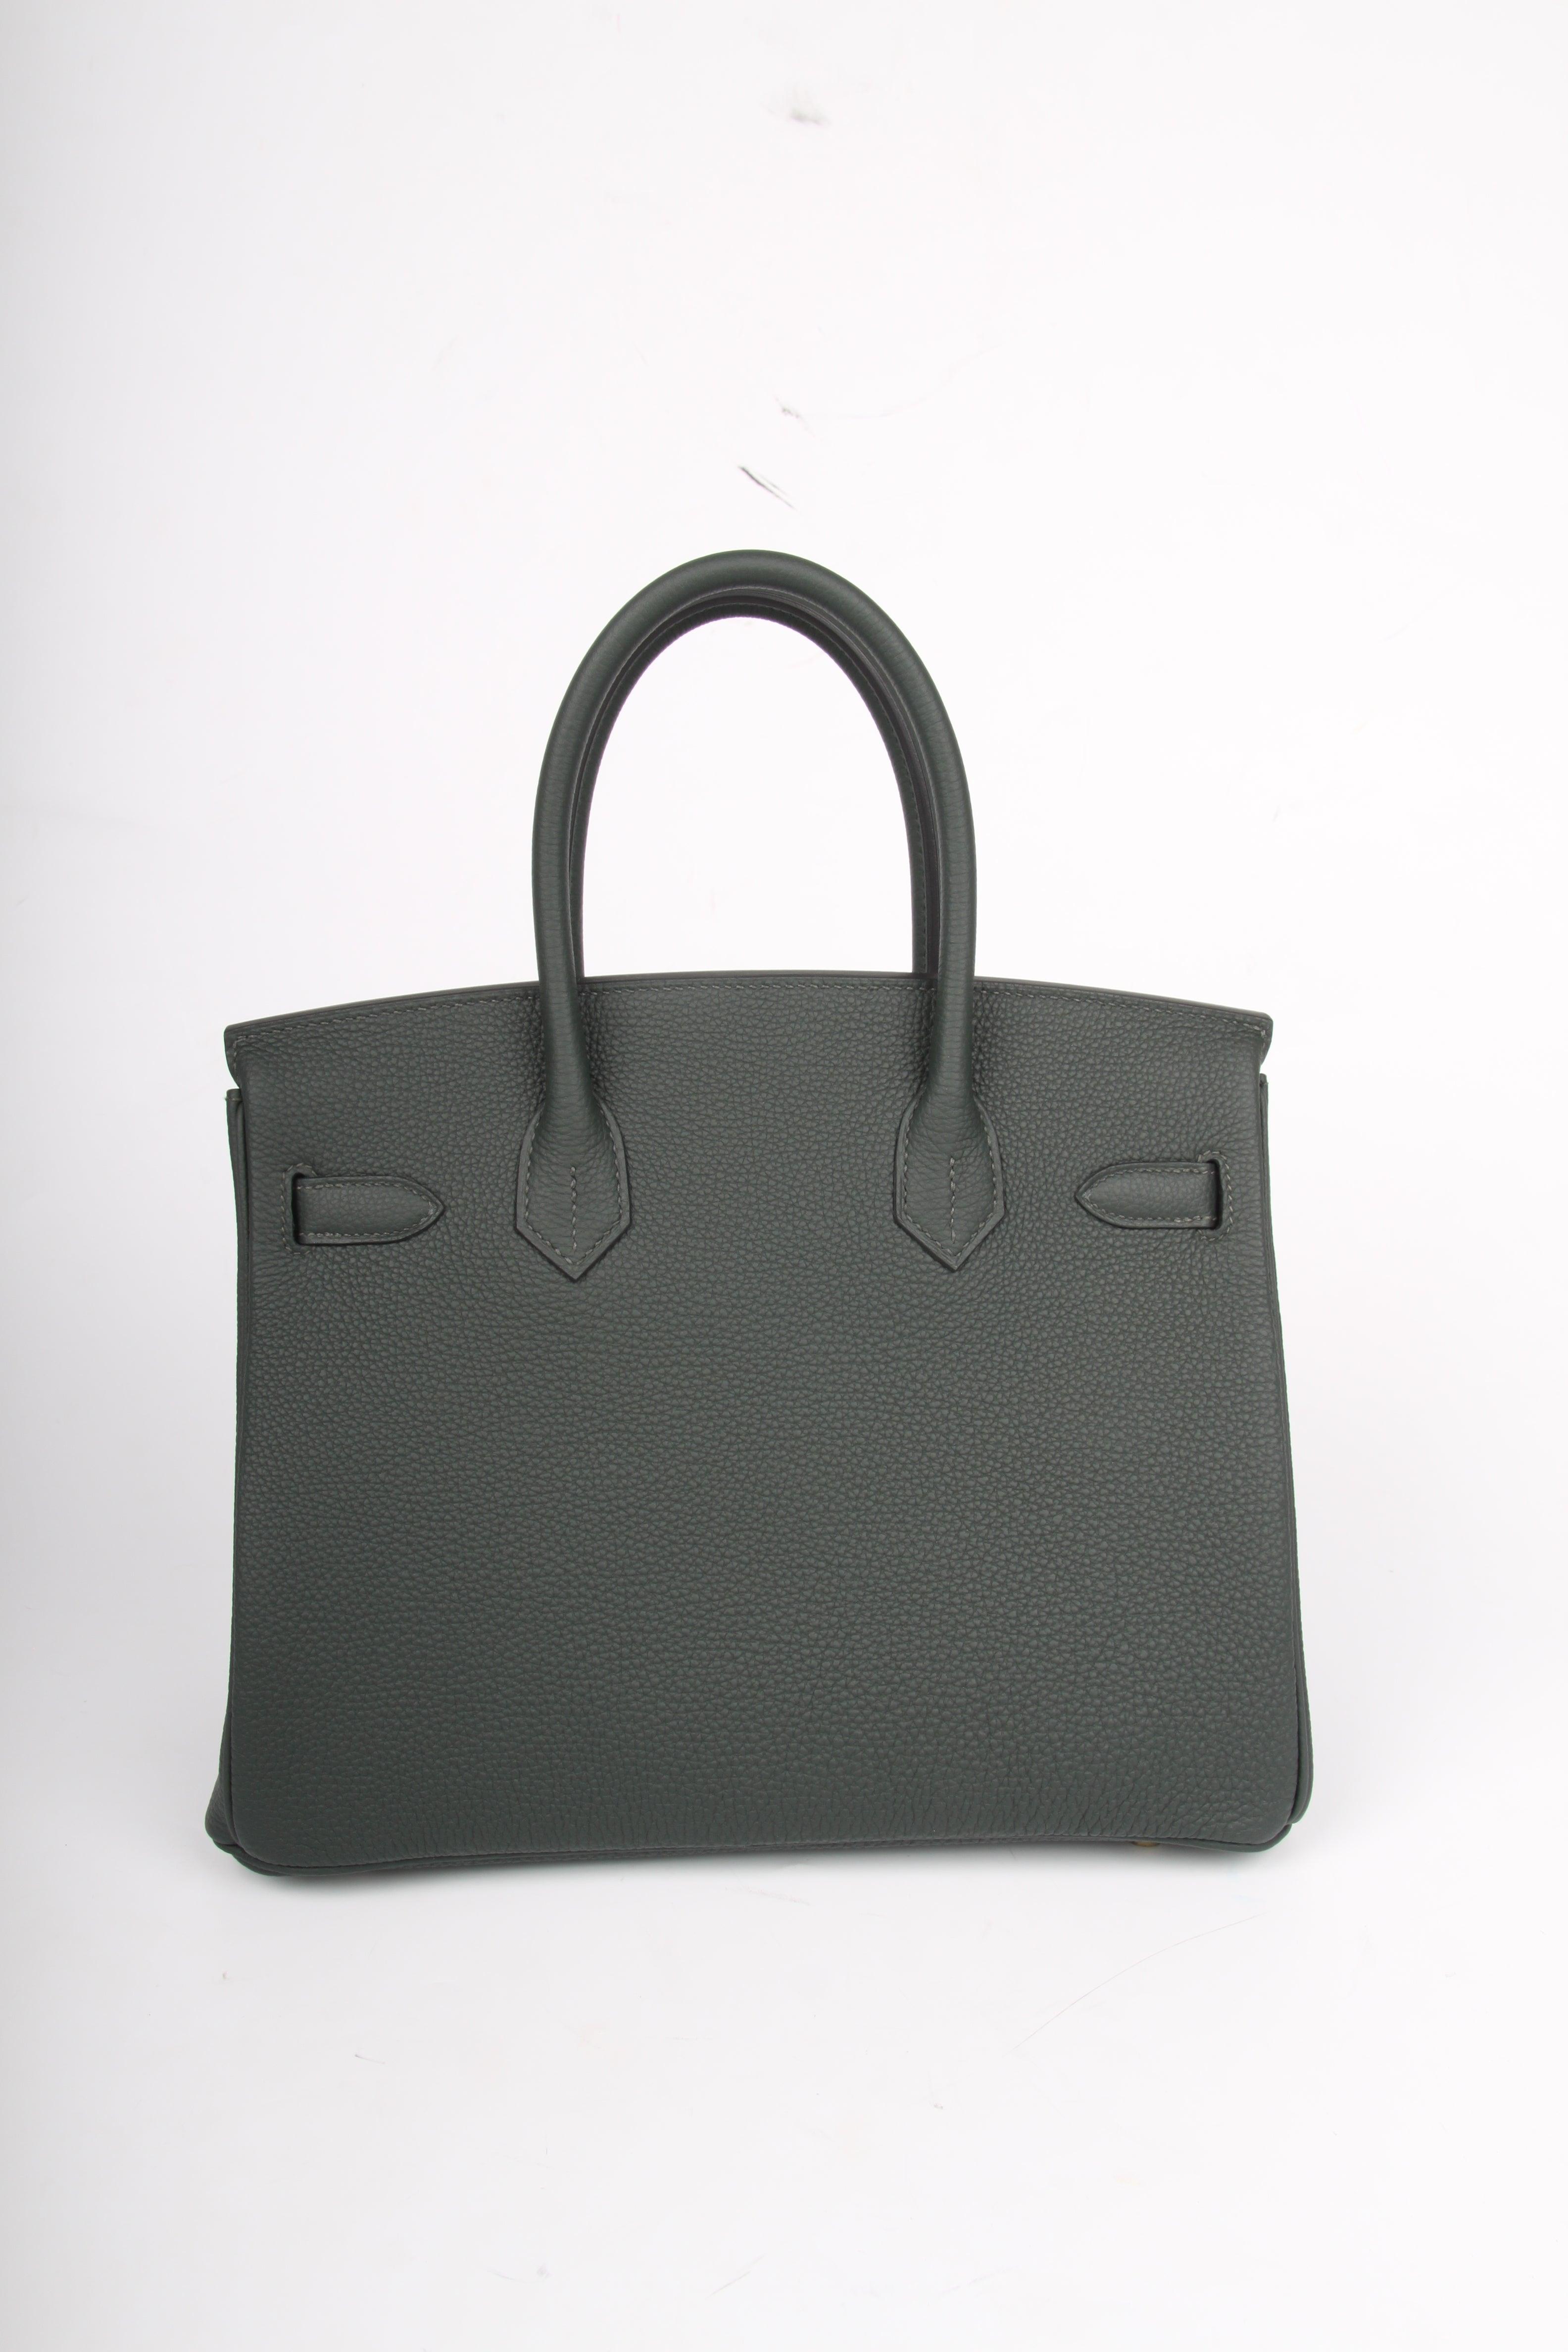 Hermes Vert Fonce gold hardware Birkin 30 Bag a099def18bdc2